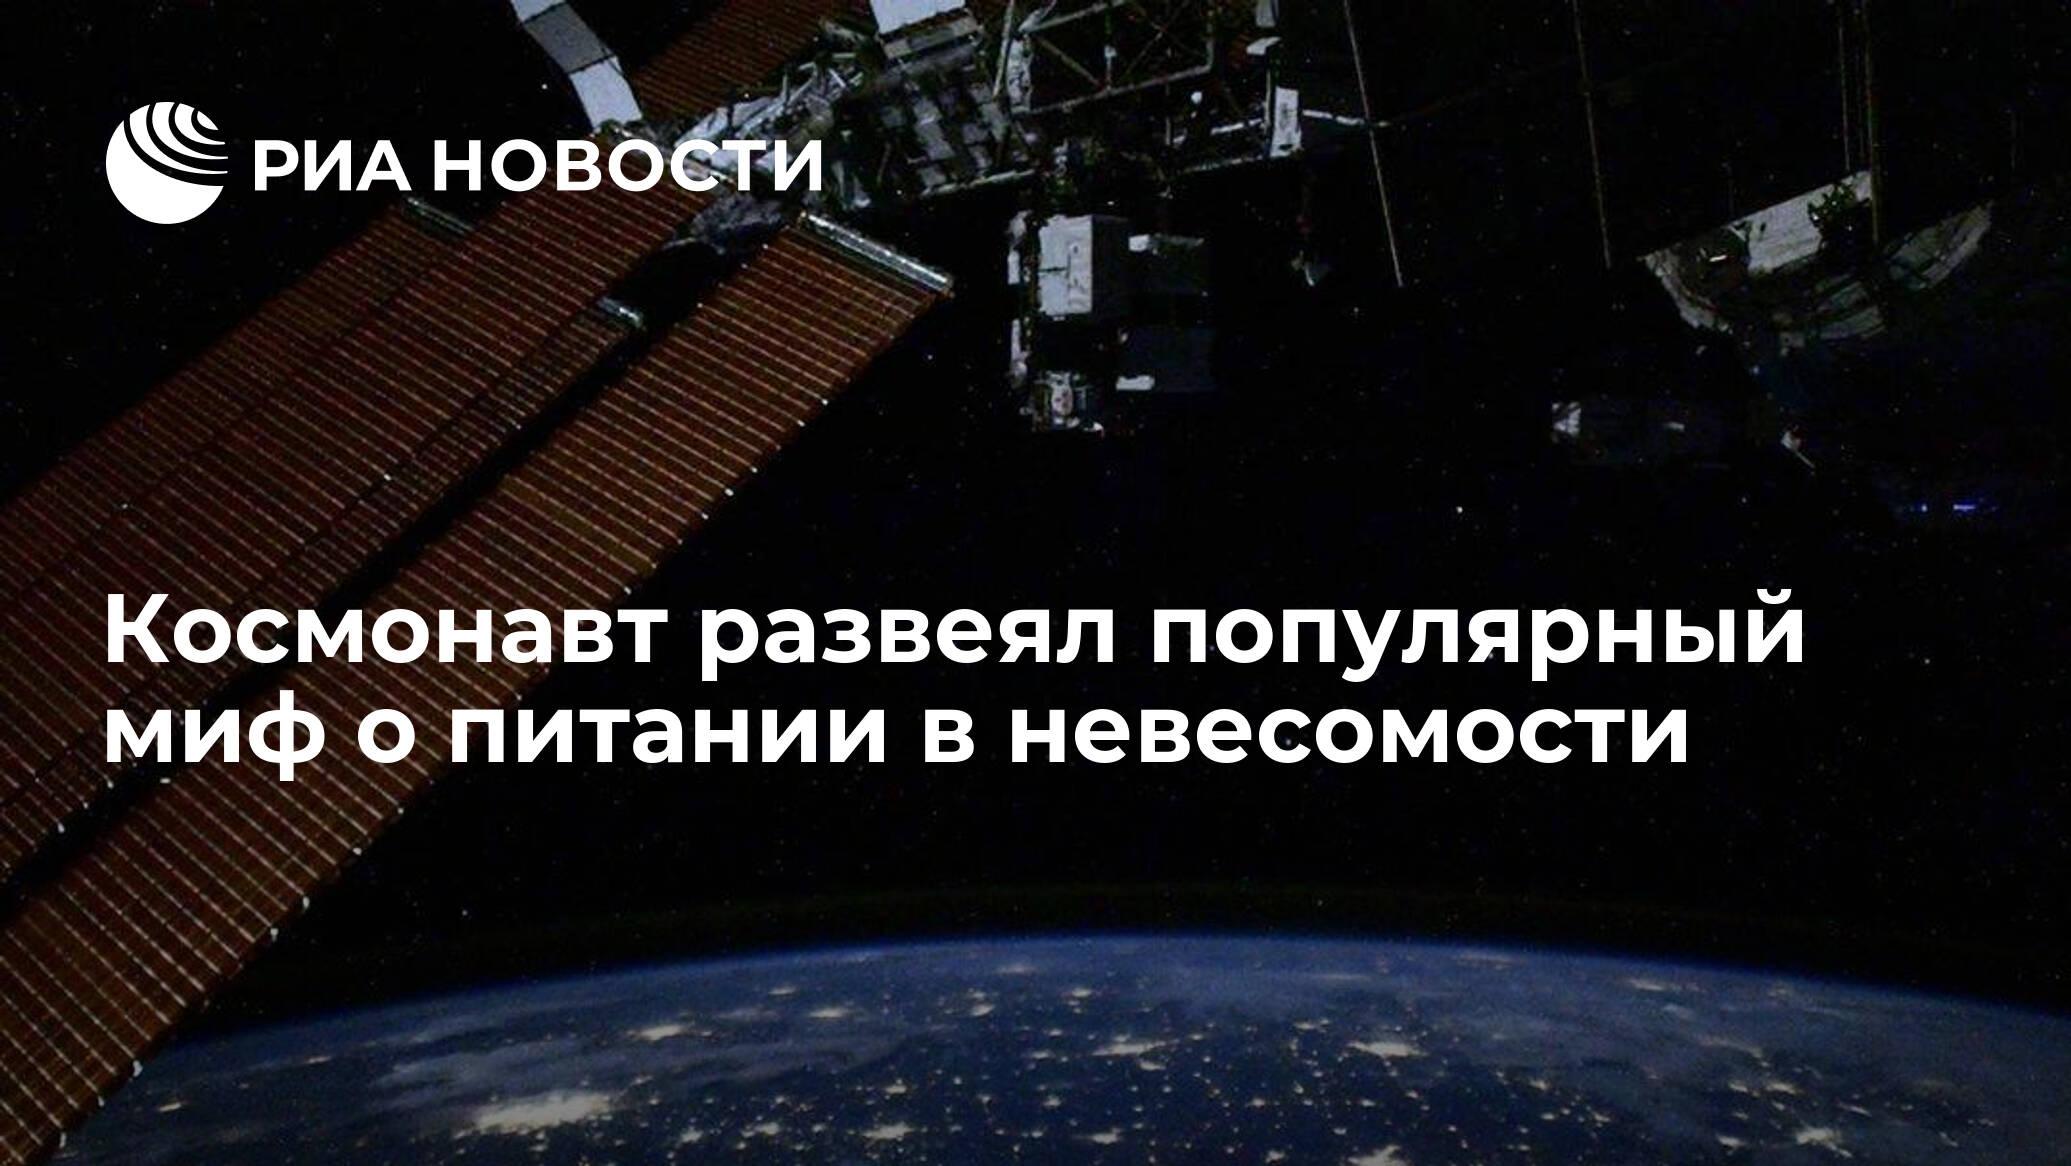 Космонавт развеял популярный миф о питании на МКС